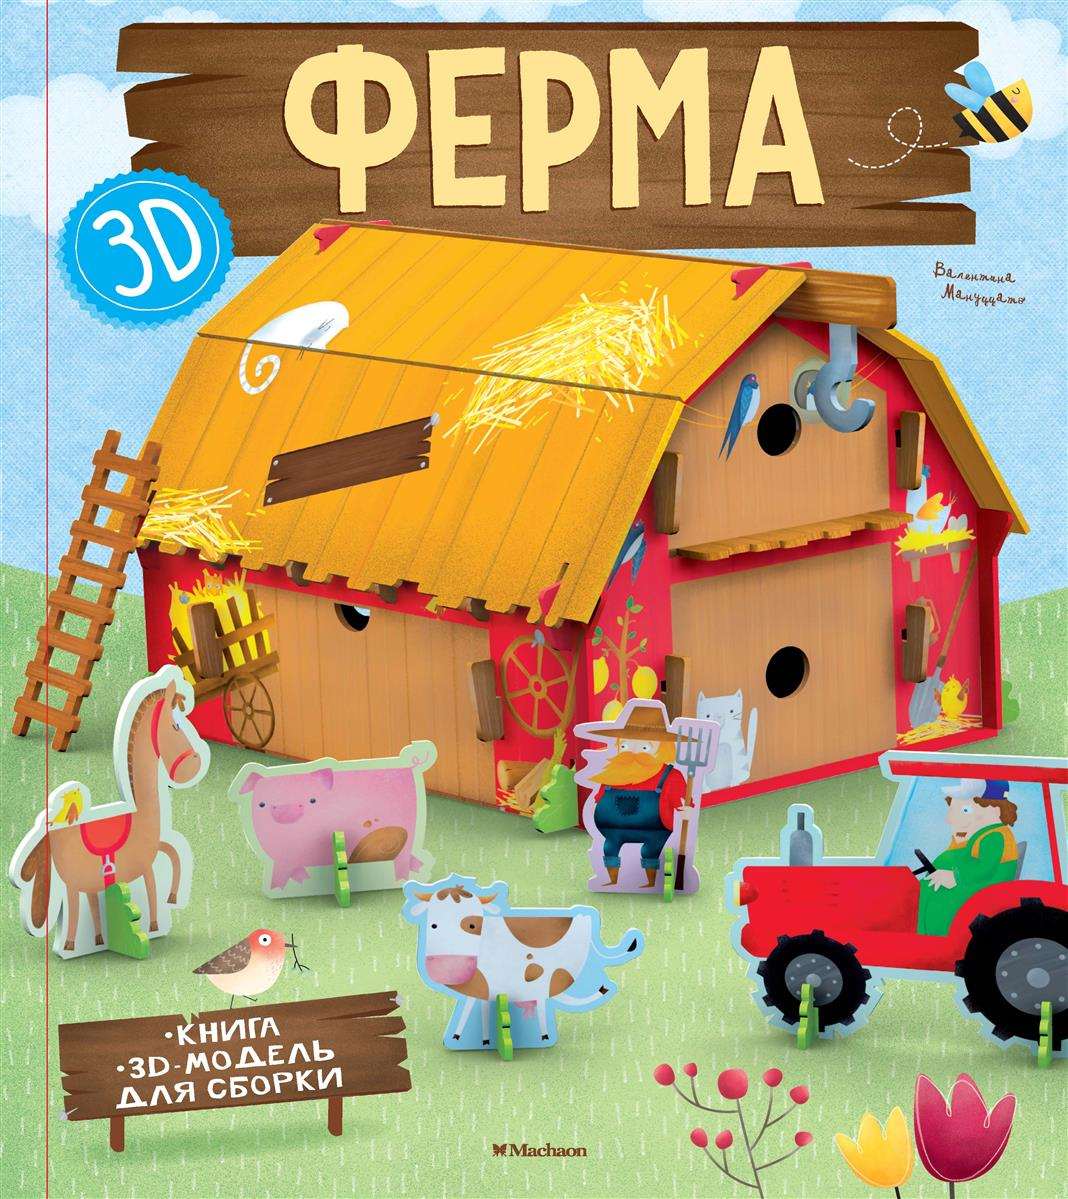 Мануццато В. Ферма (книга+3D-модель для сборки)